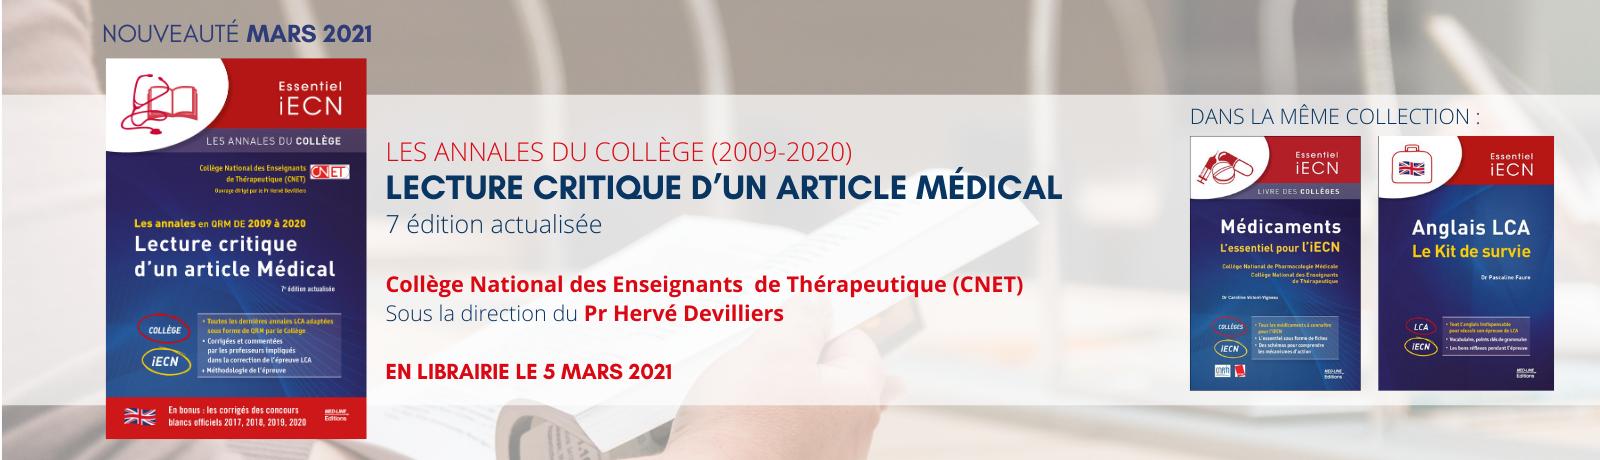 Bannière site Med-Line (22)